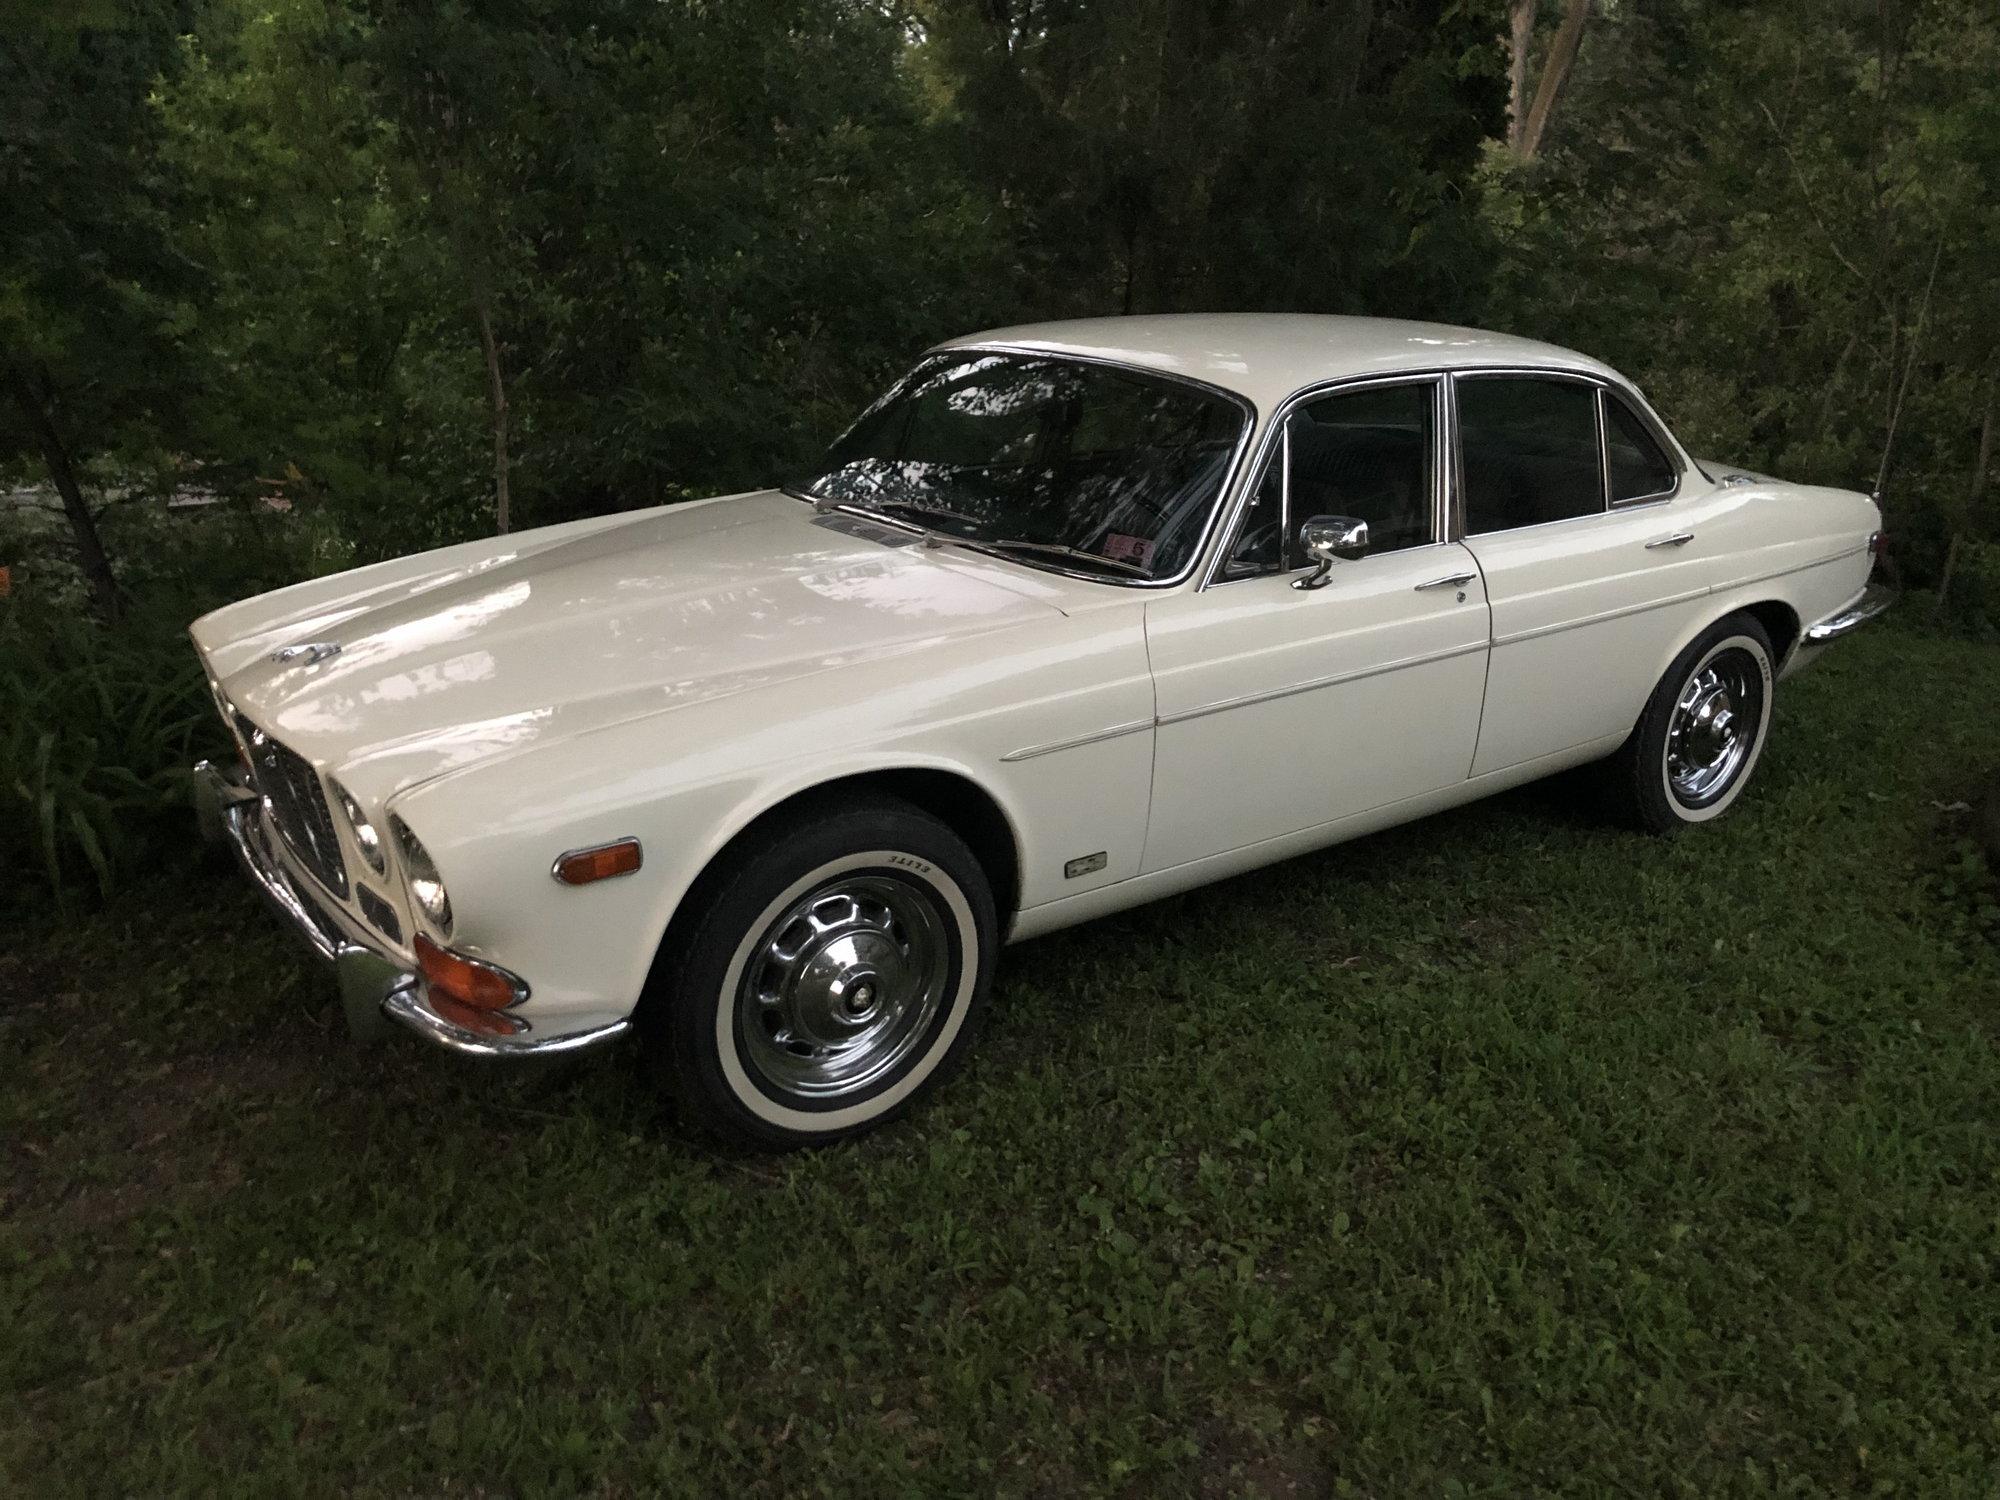 1972 Jaguar XJ6 in Minnesota - Jaguar Forums - Jaguar ...